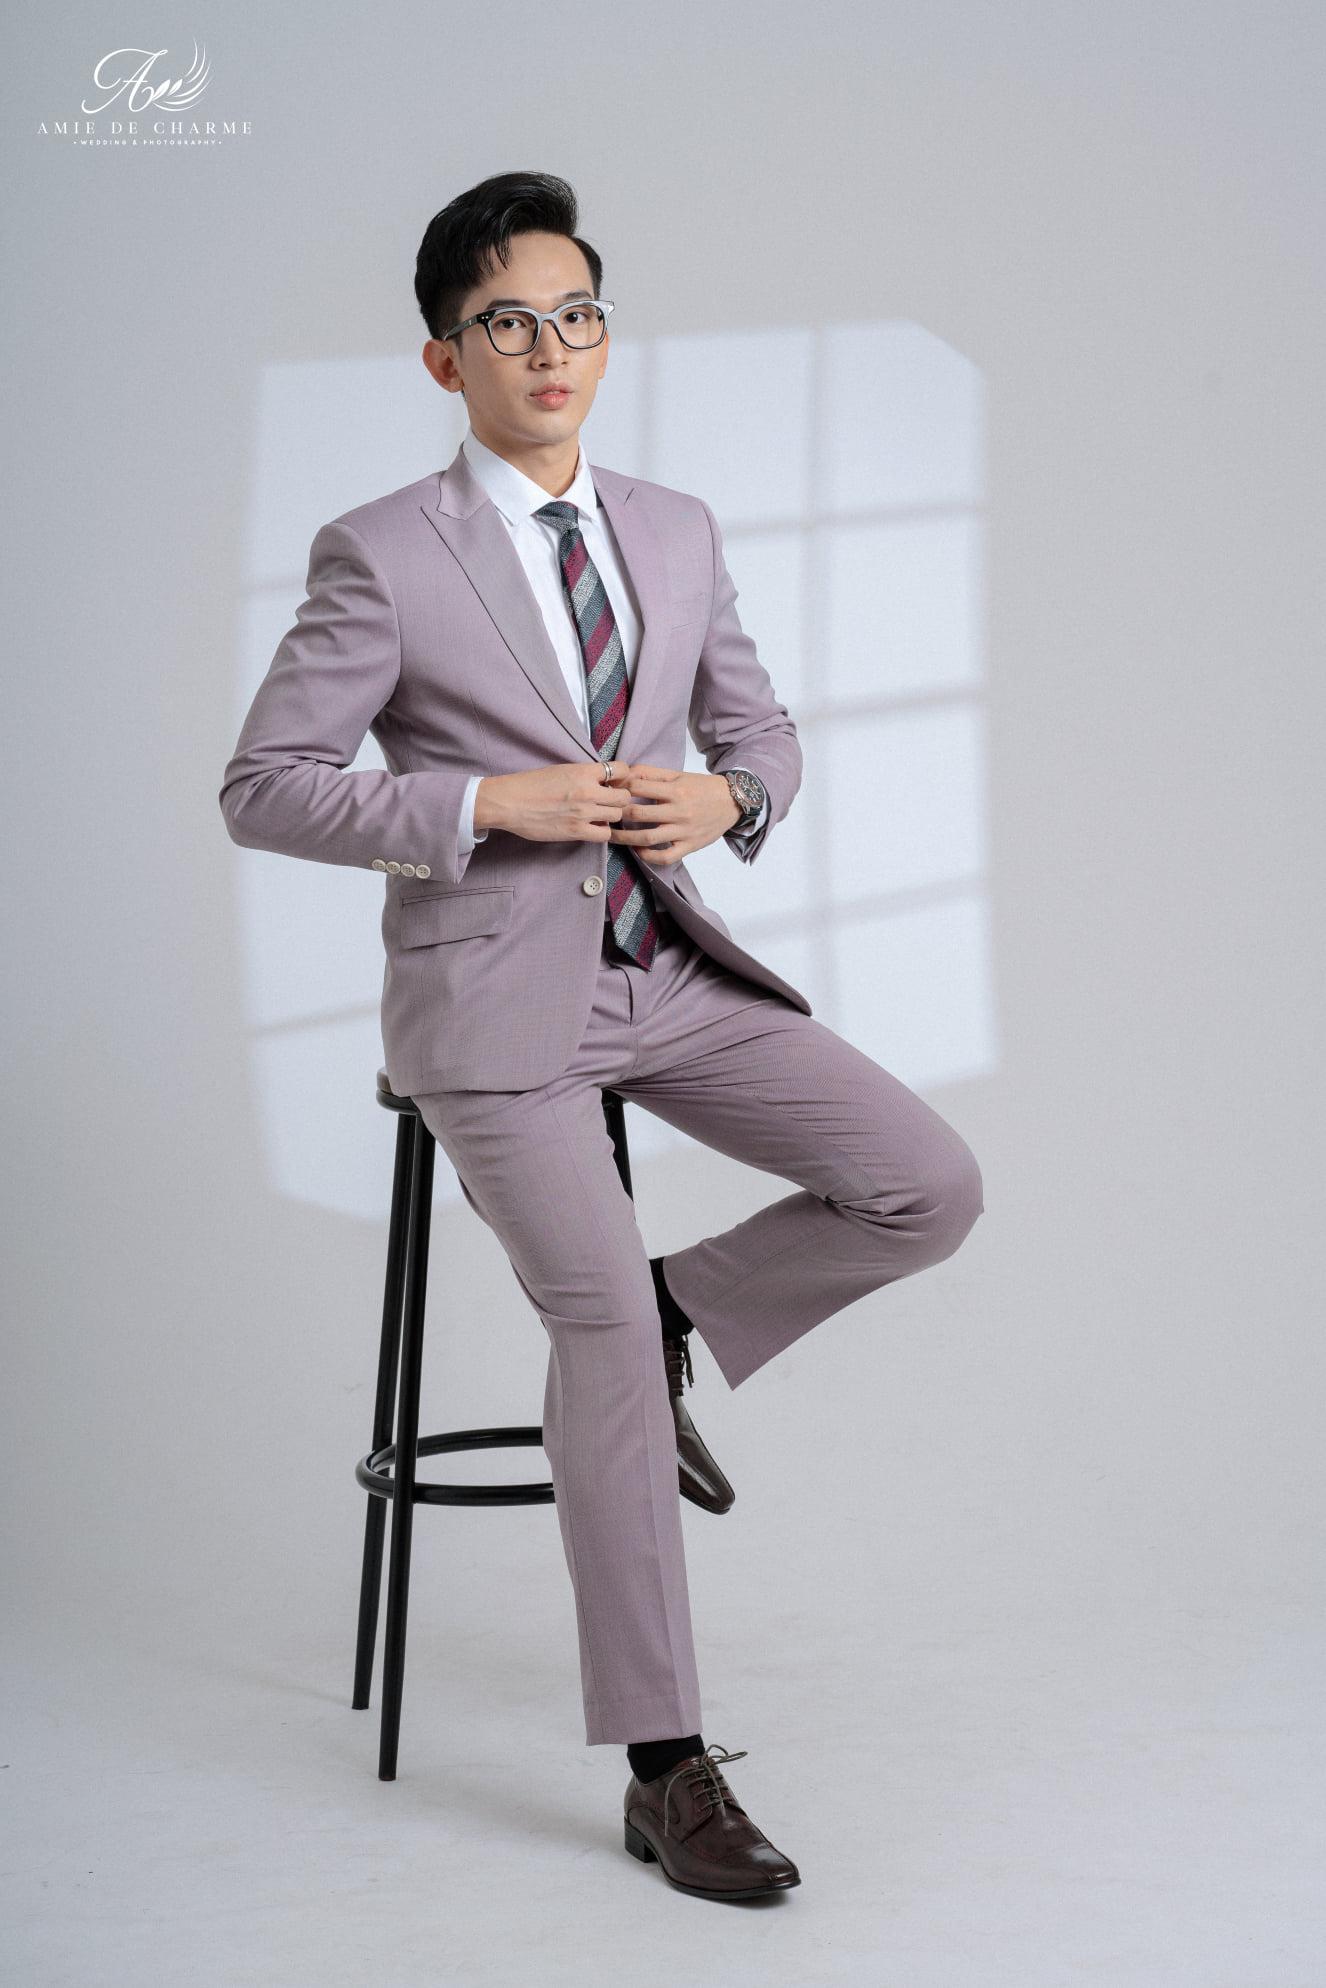 Suit màu tím pastel dành cho chàng trai trẻ trung và năng động